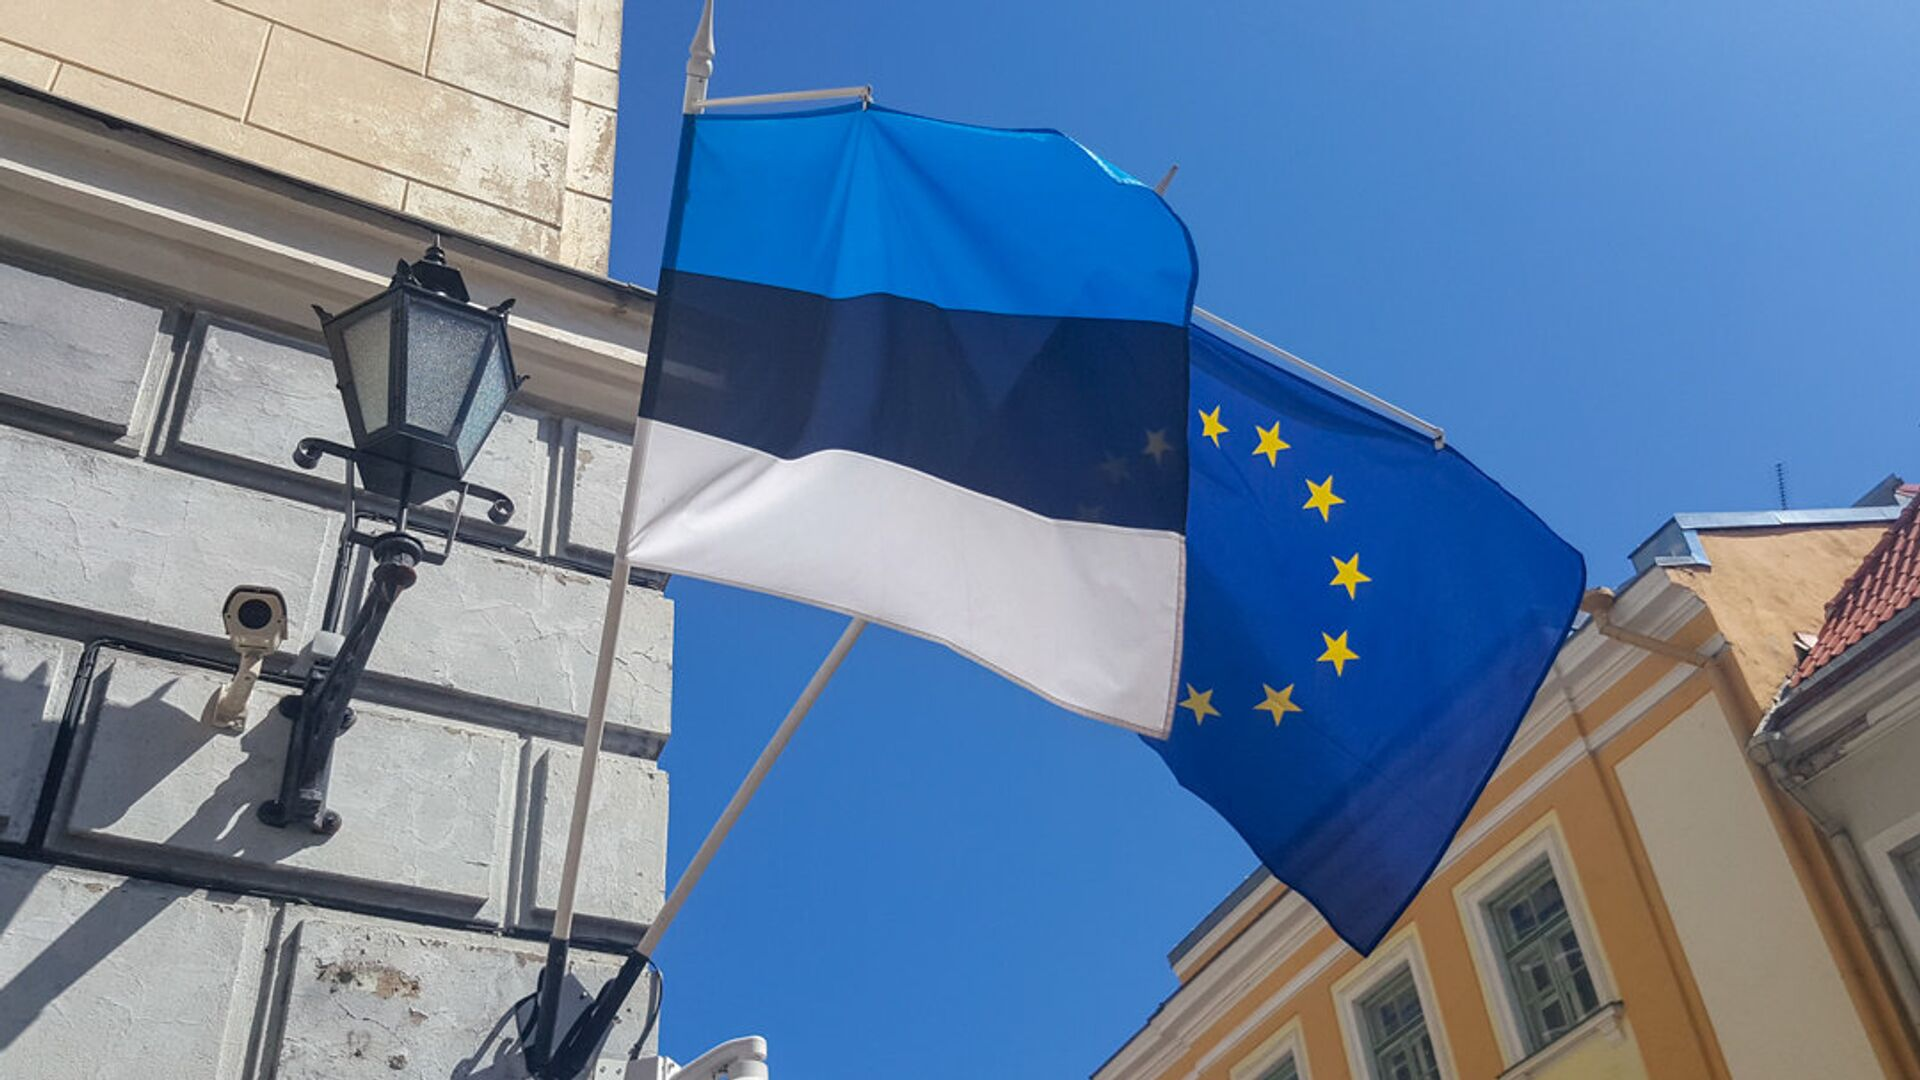 Igaunijas un ES karogs - Sputnik Latvija, 1920, 14.10.2021